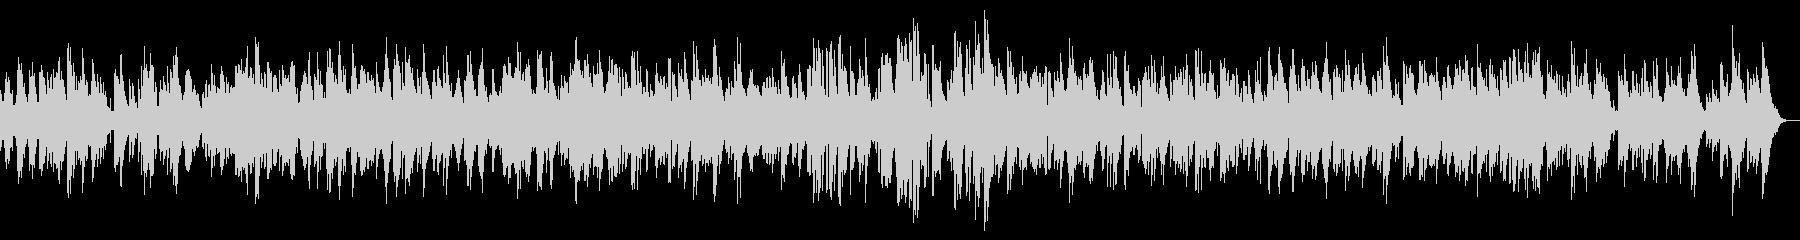 ピアノのイージーリスニングの未再生の波形